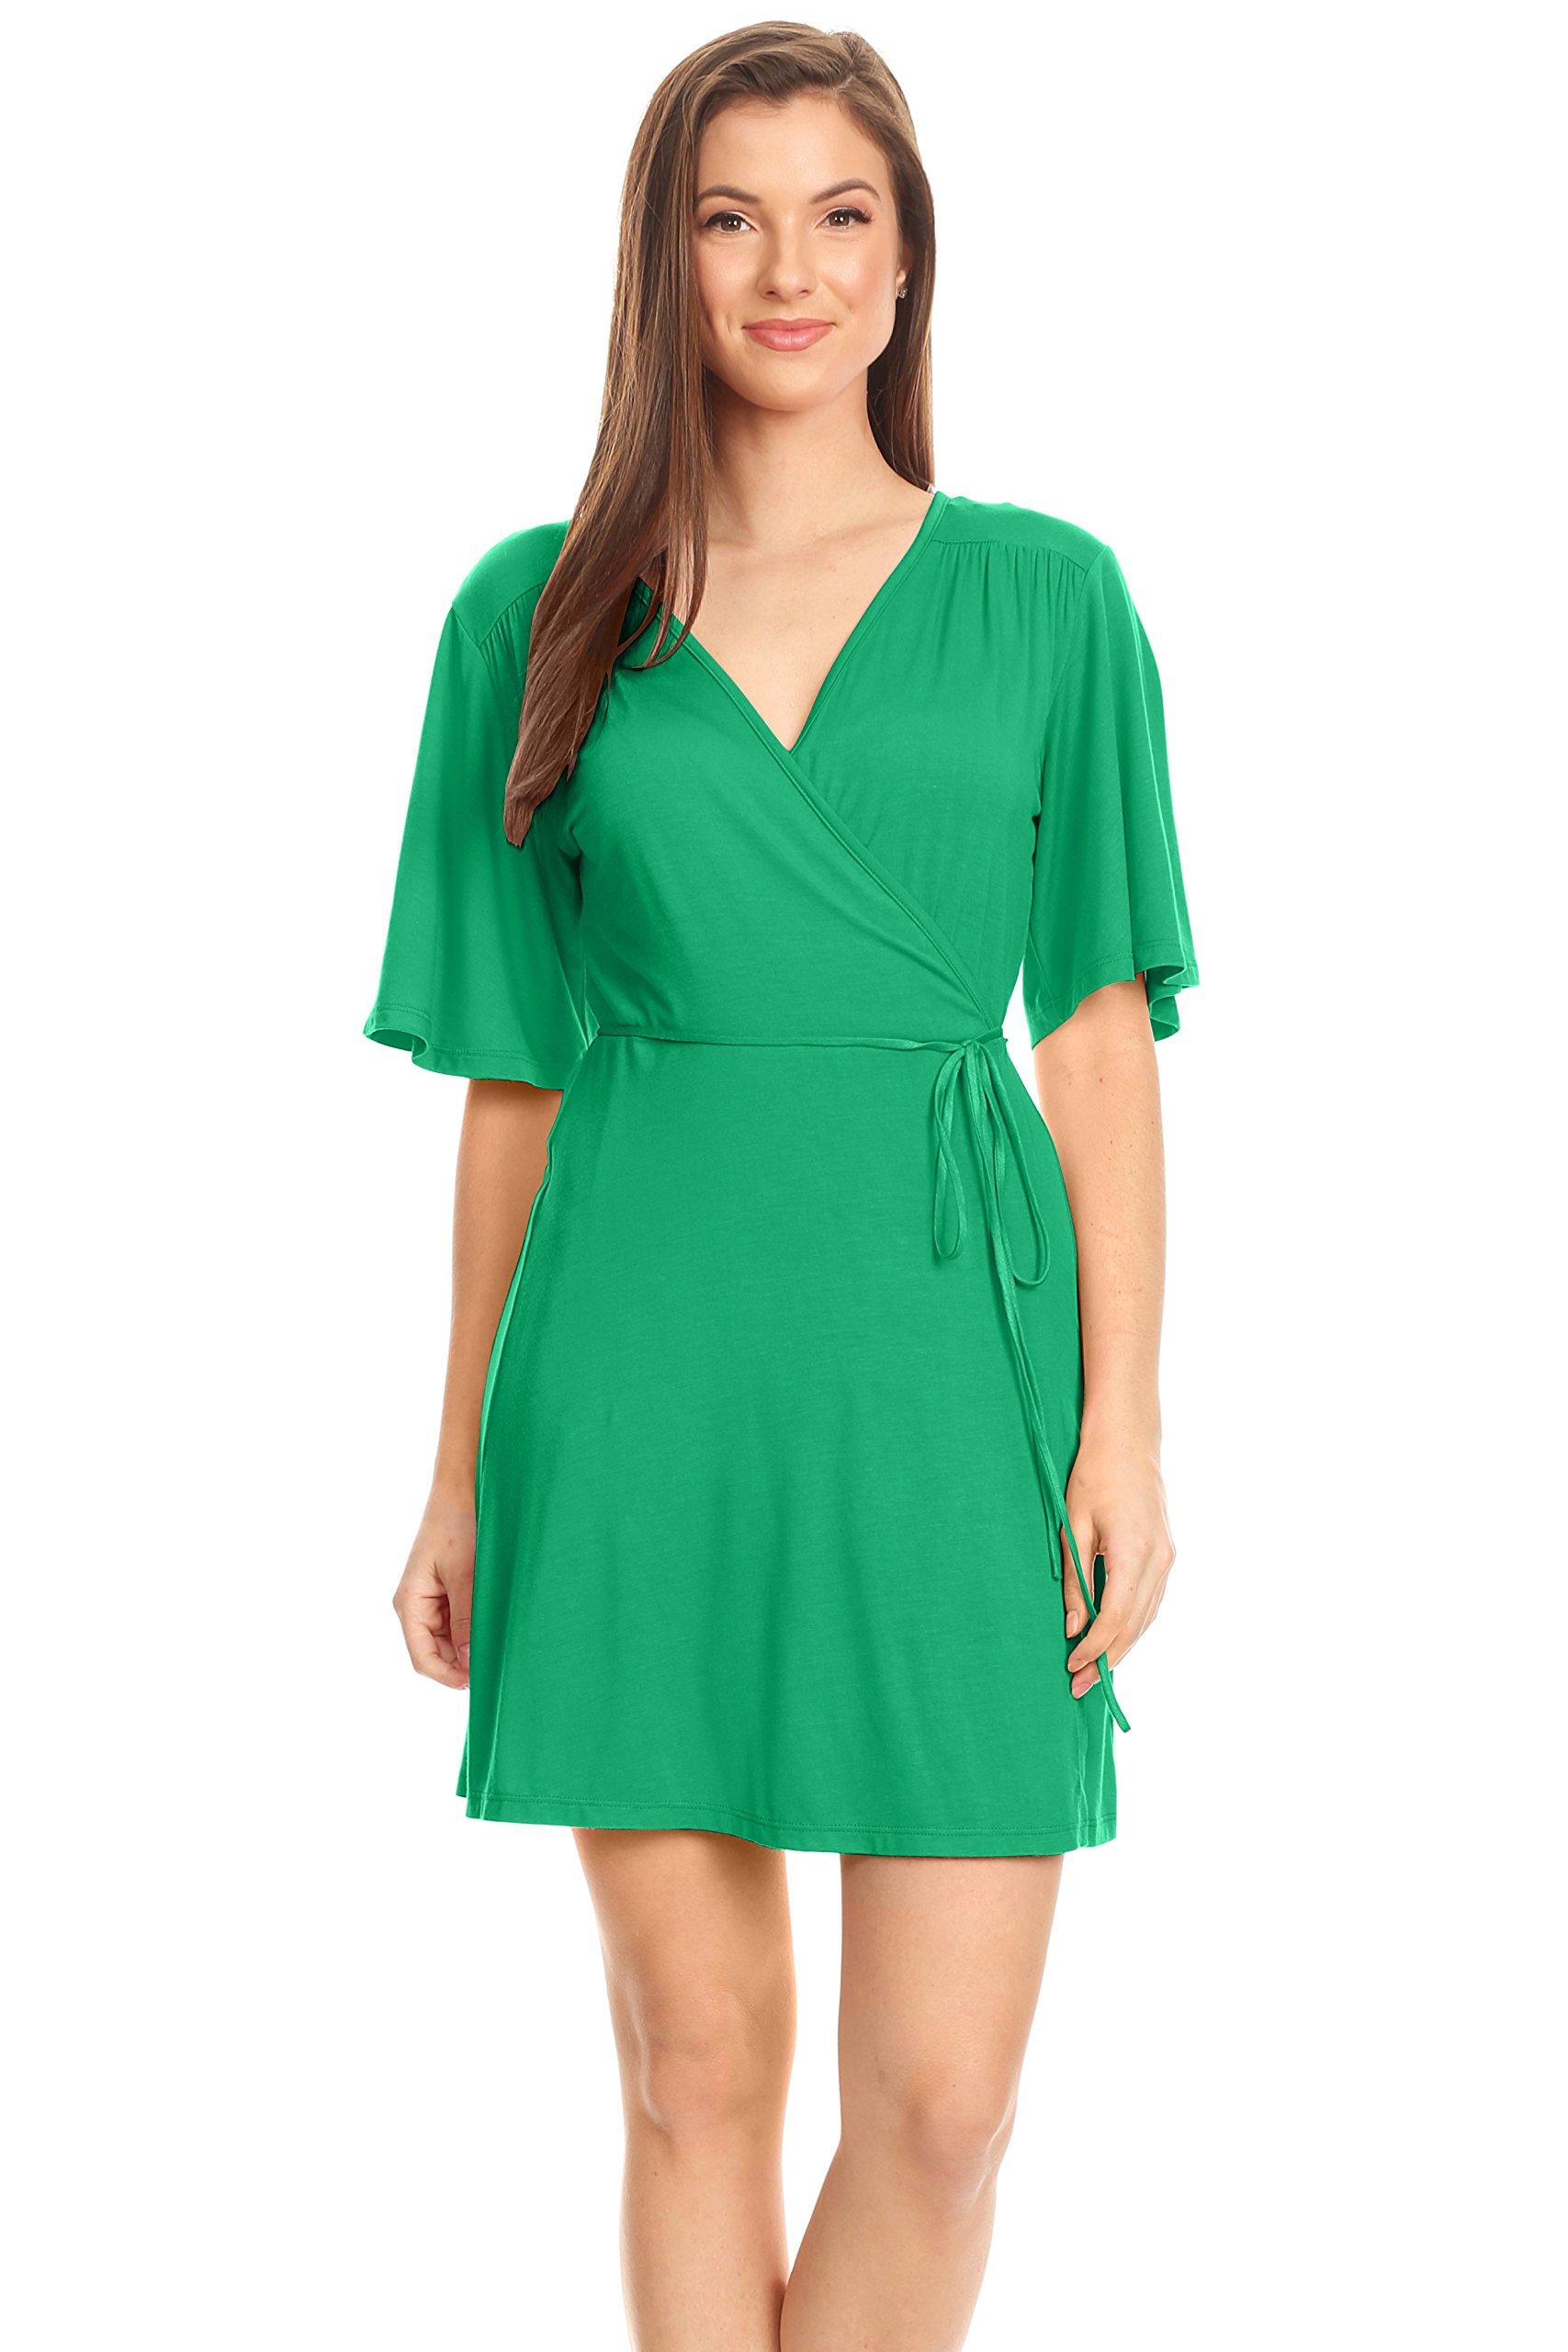 Kelly Green Dresses for Women Short Sleeve Wrap Dress for ...